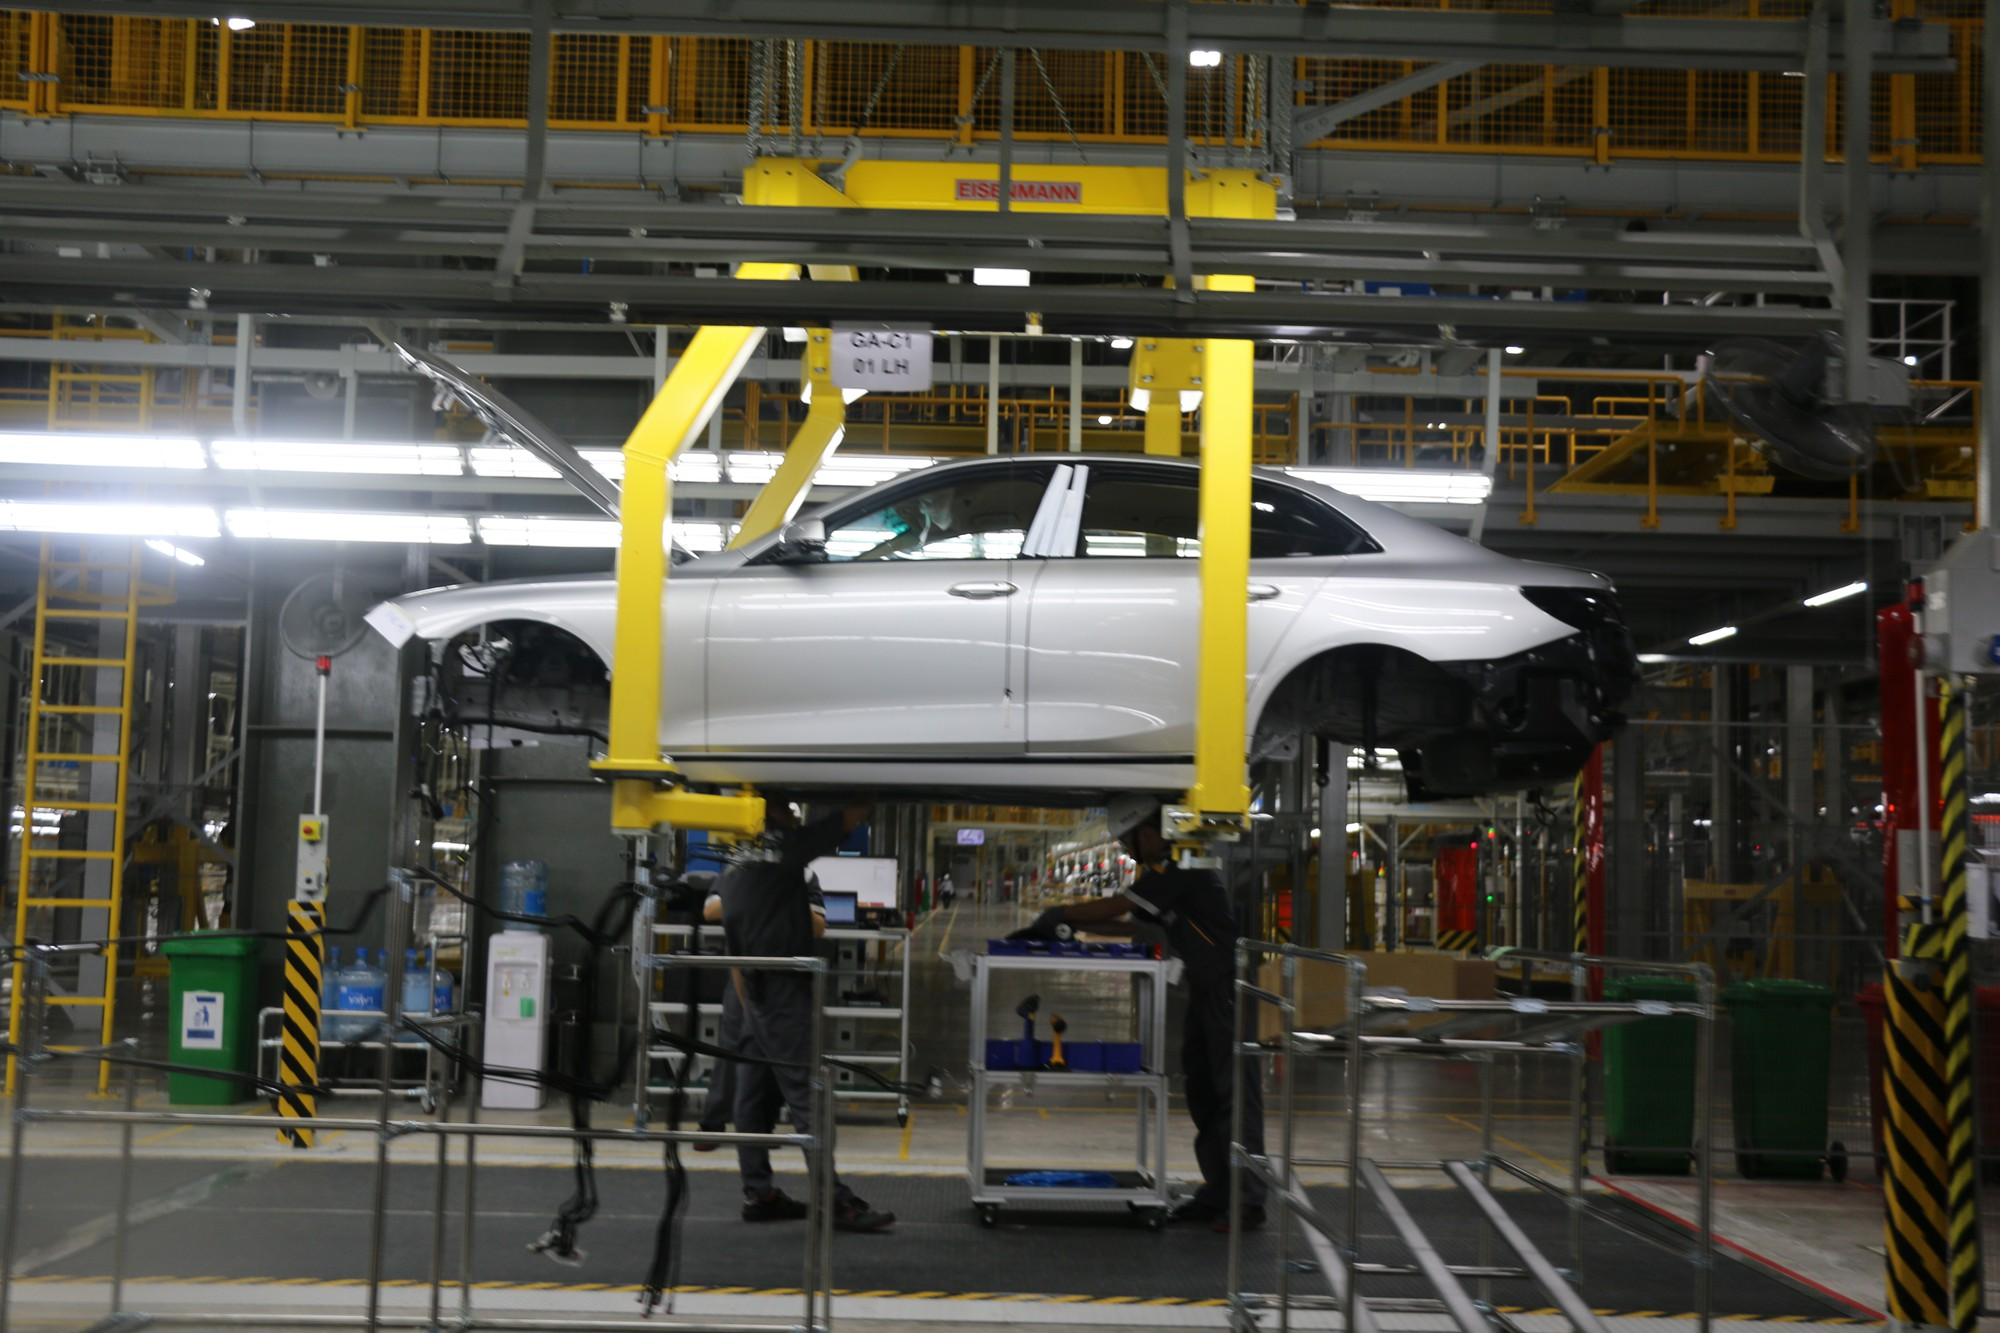 Xem quy trình lắp ráp ôtô VinFast trước ngày đi vào sản xuất thương mại - Ảnh 10.